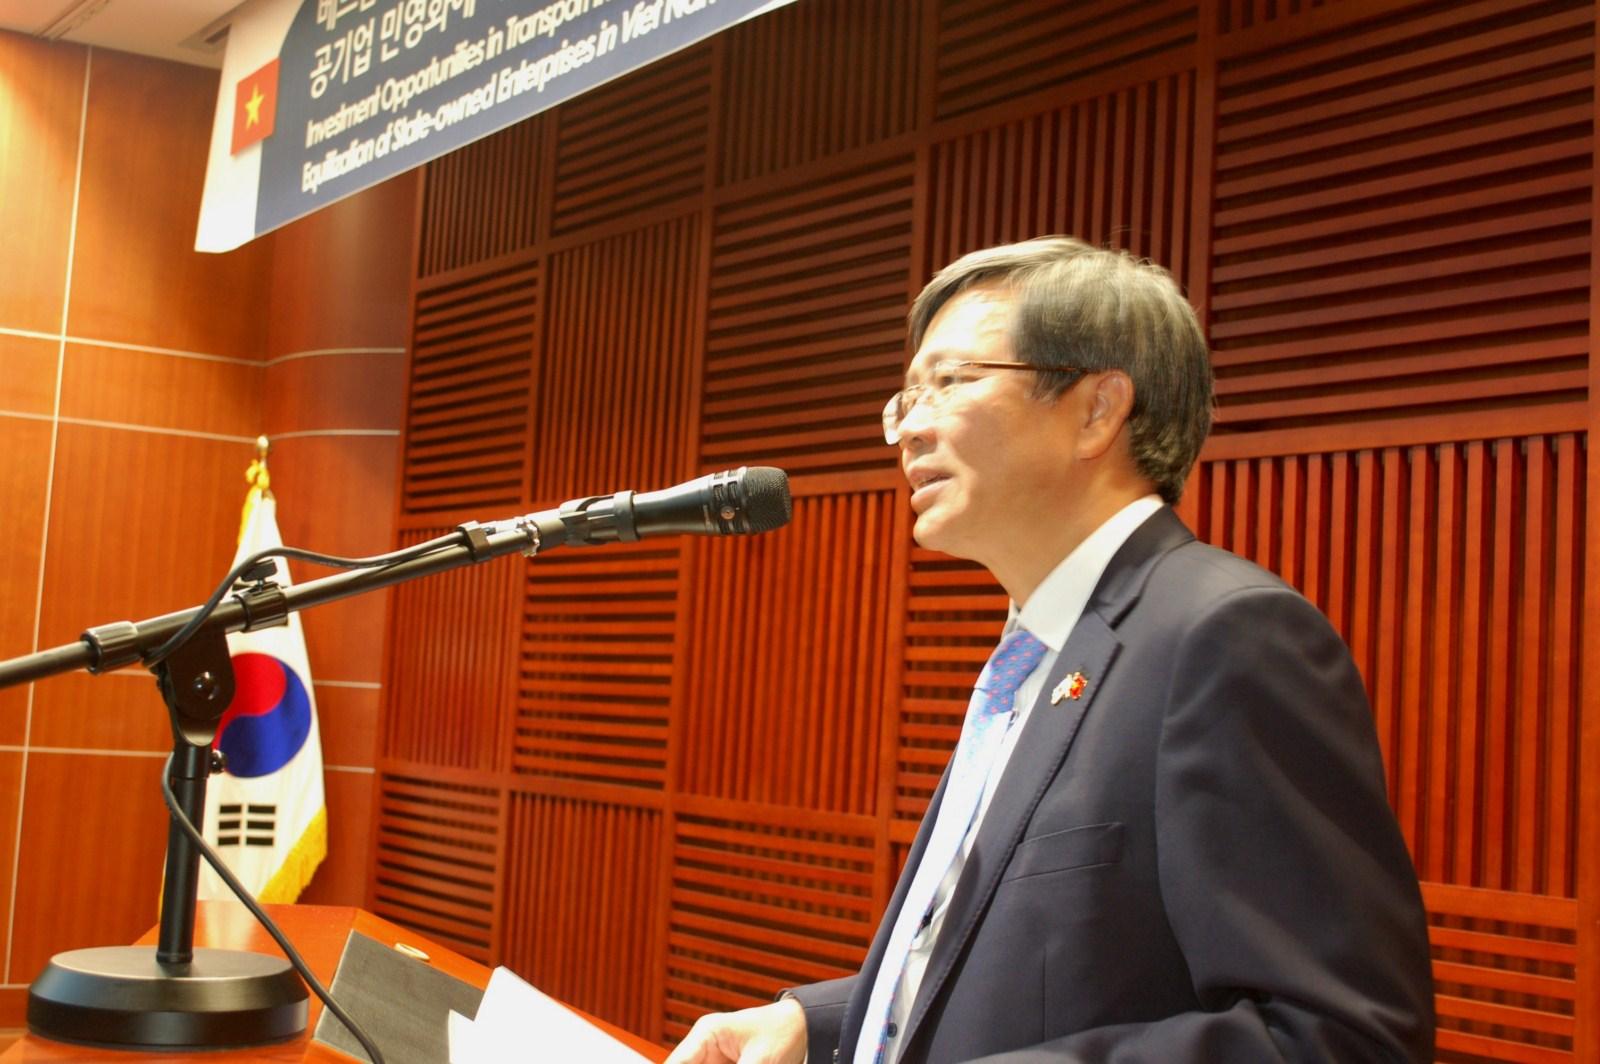 Đại sứ Việt Nam tại Hàn Quốc Phạm Hữu Chí phát biểu tại Hội thảo.